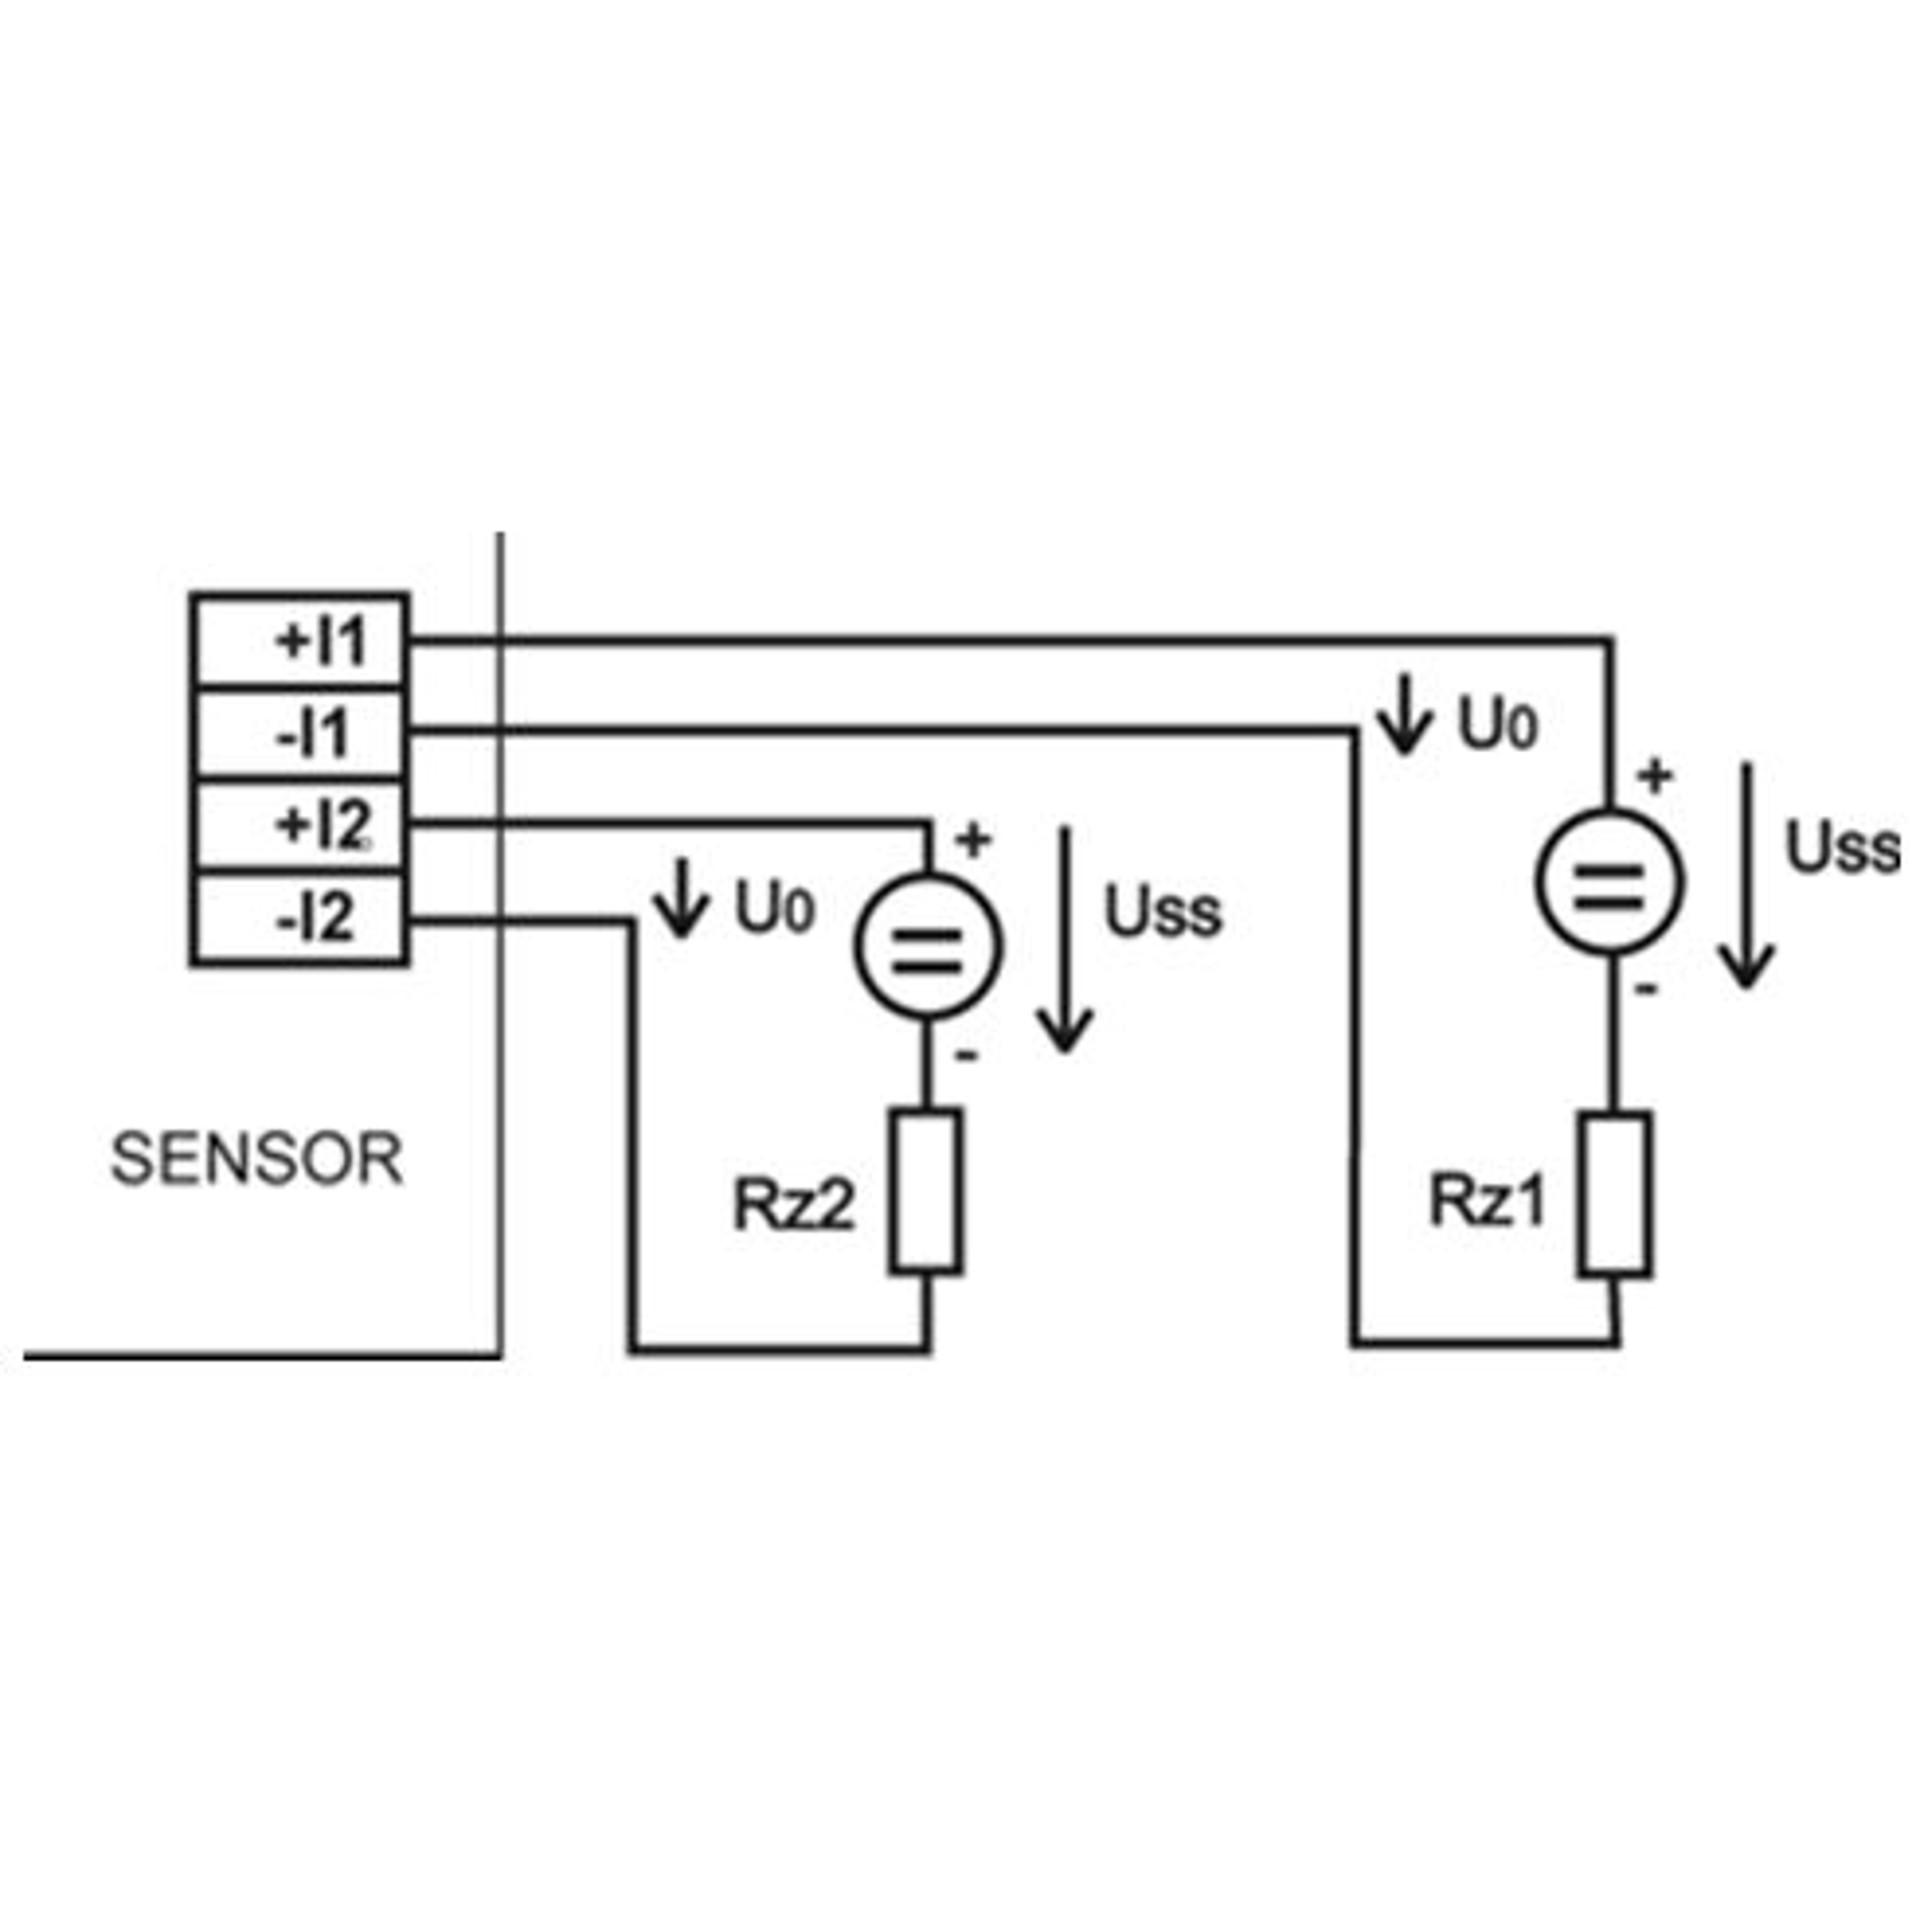 Ausgezeichnet 3 Draht Sensorverdrahtung Ideen - Der Schaltplan ...